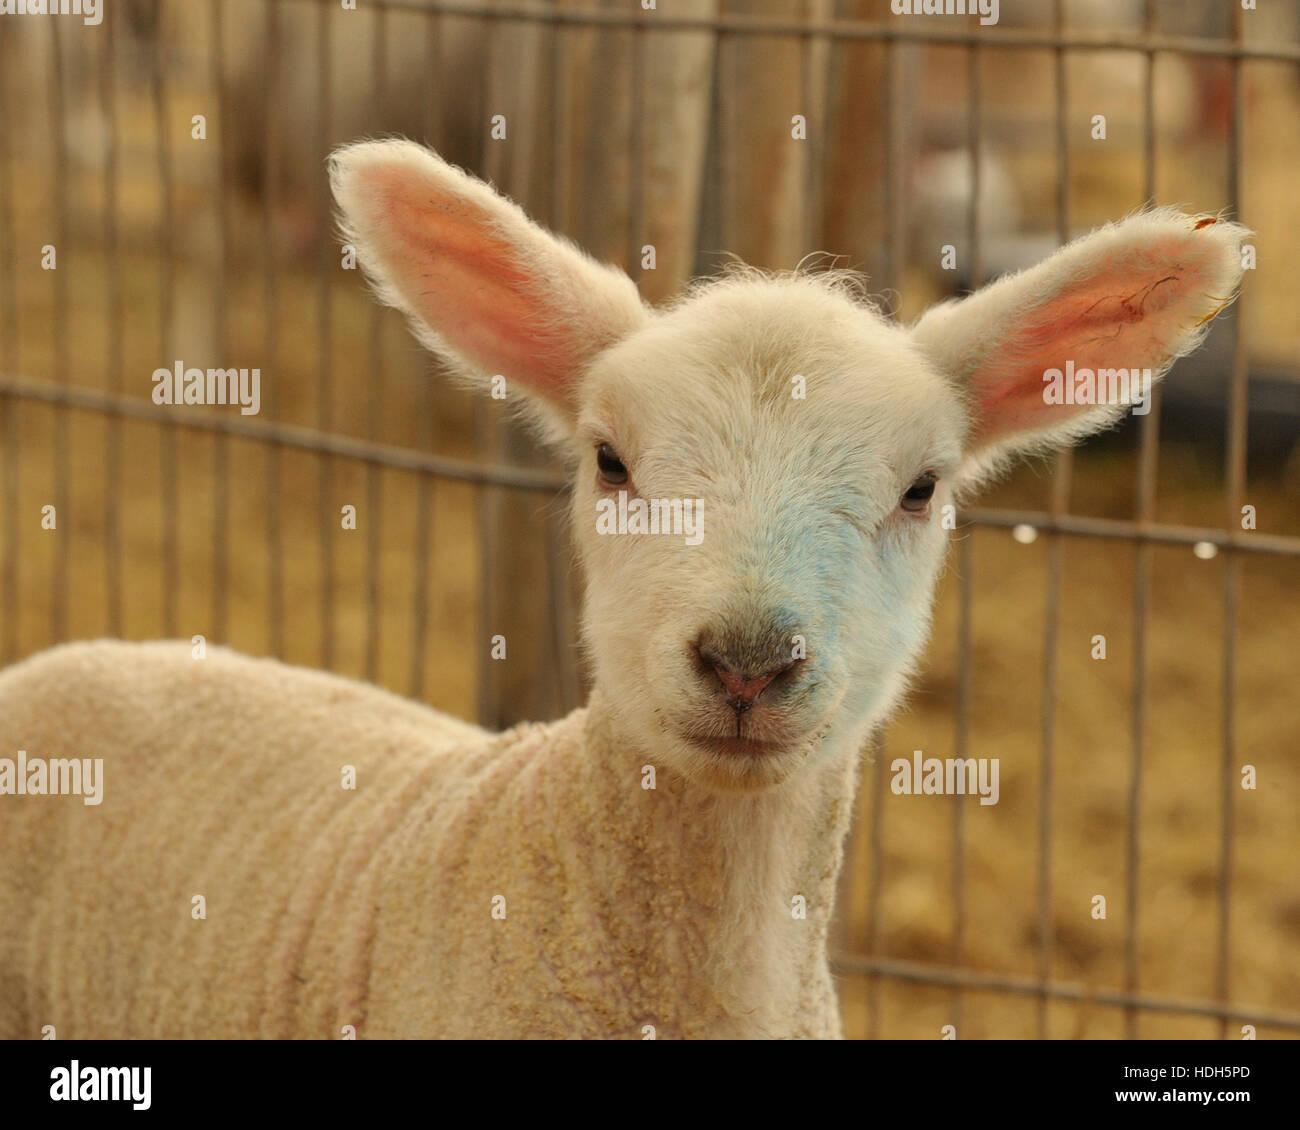 highlander lamb (new zealand) 2 days old - Stock Image